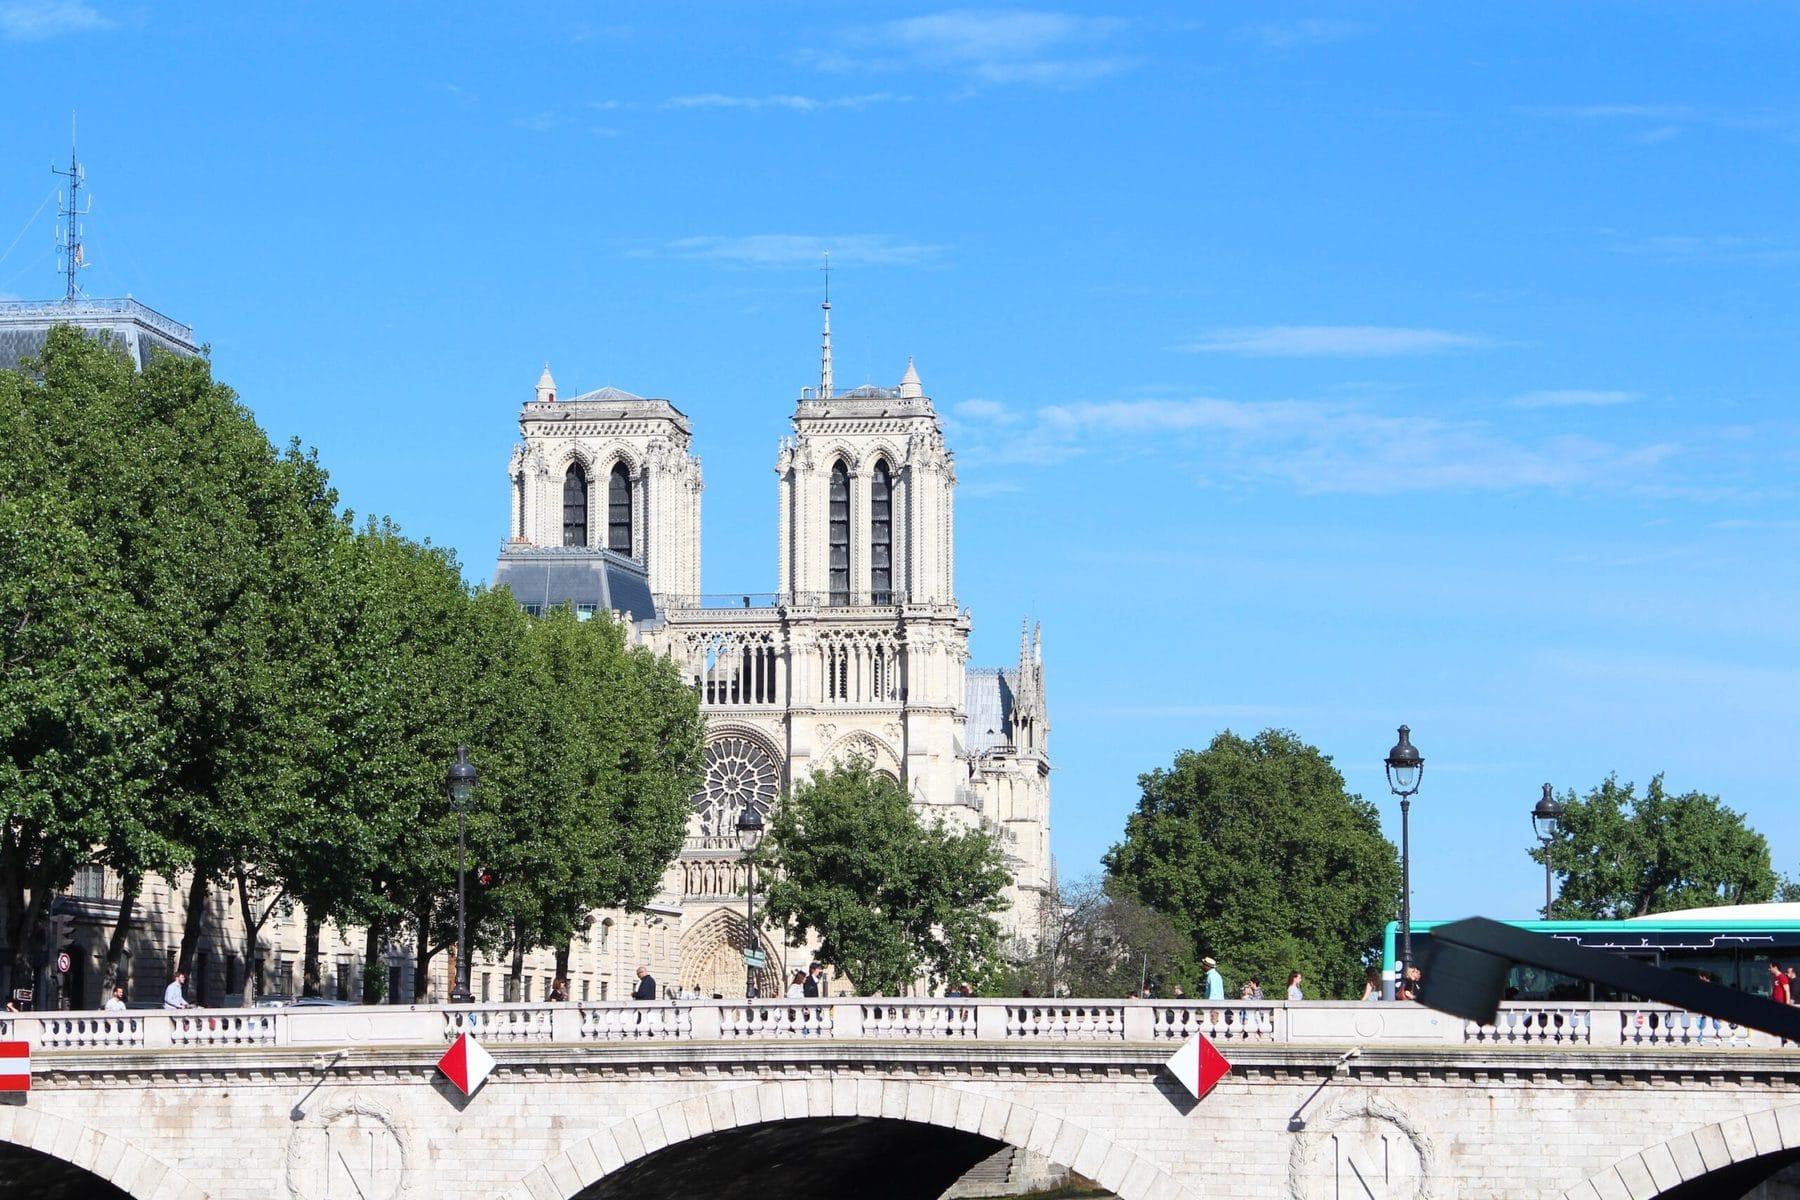 Notre-Dame de Paris 2017 - bei schönstem Sonnenschein, aber leider keine Zeit zum Besuchen :(